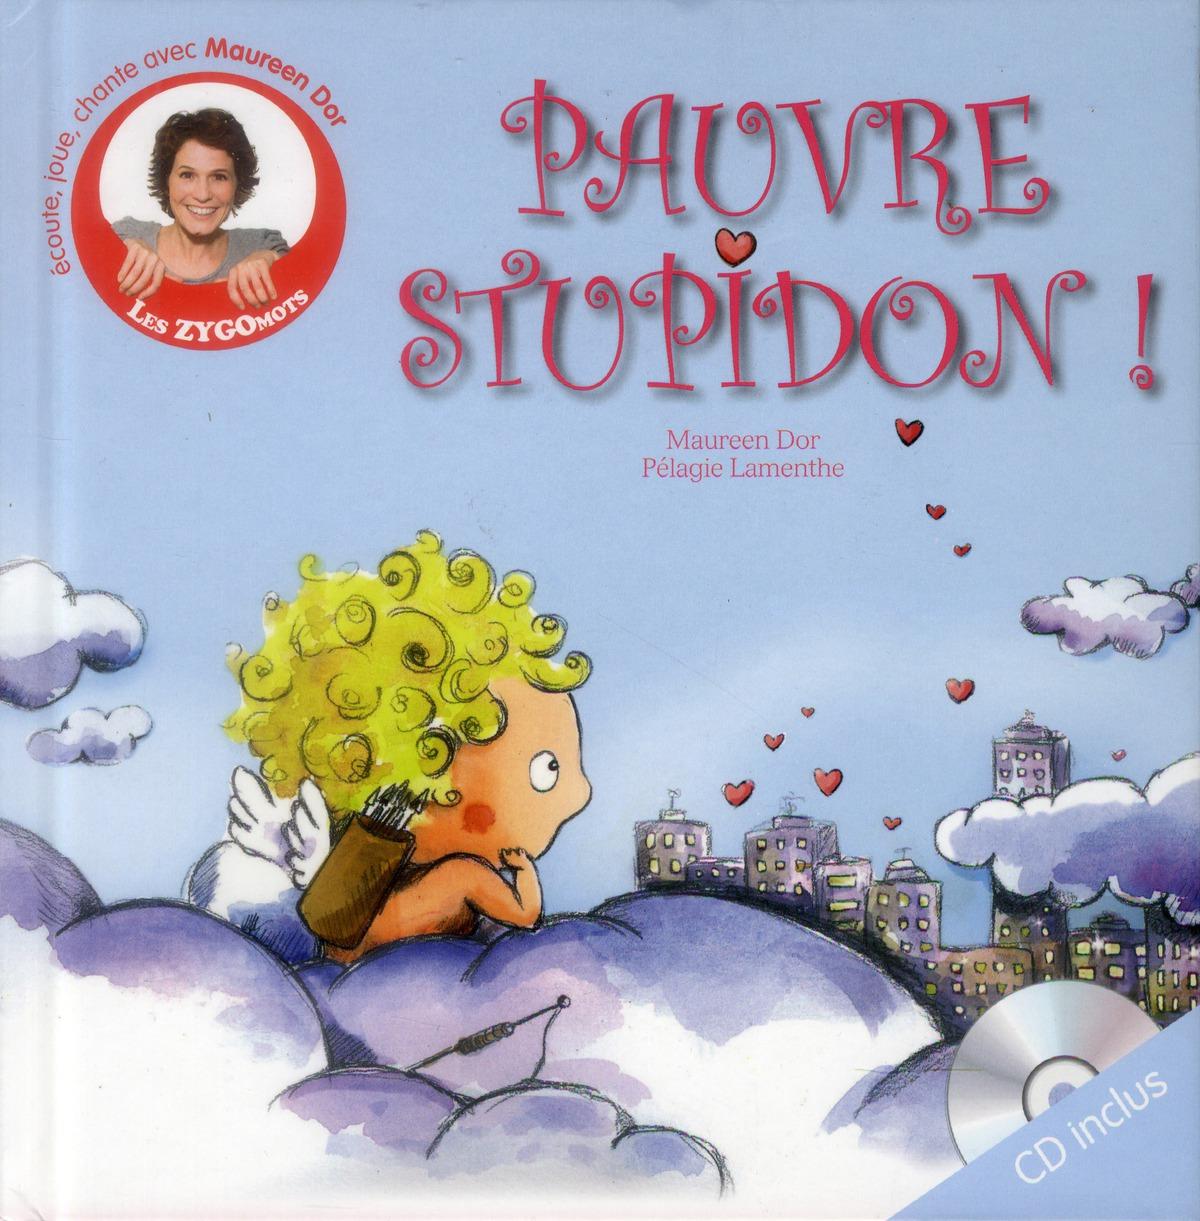 PAUVRE STUPIDON !